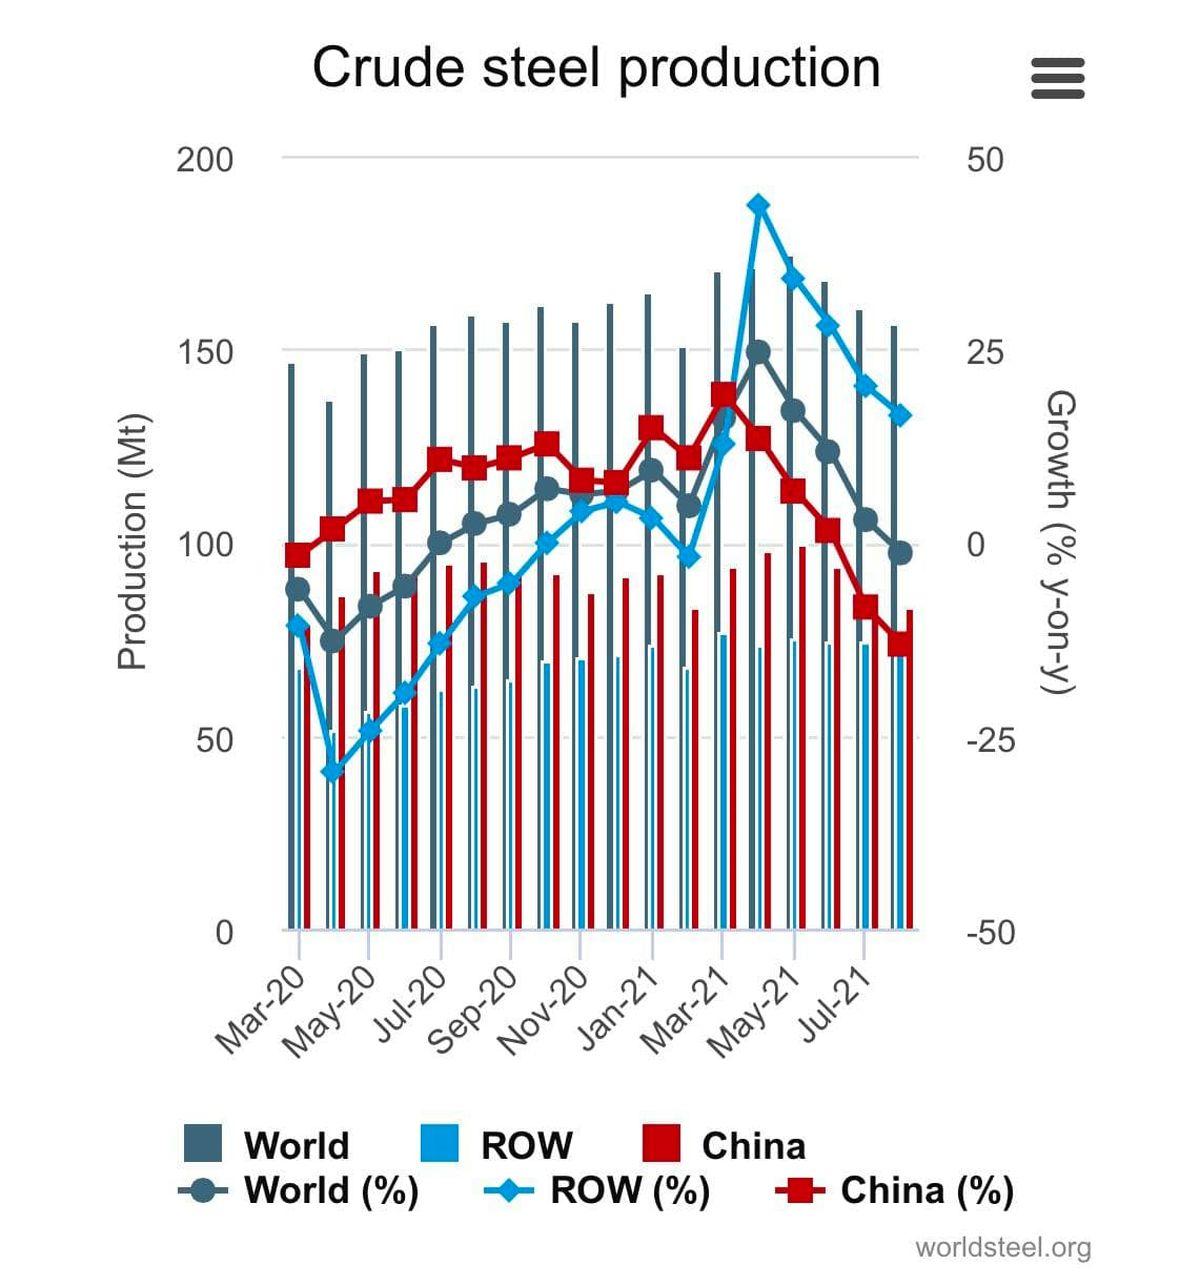 انجمن جهانی فولاد اعلام کرد: تولید فولاد خام در آگوست 2021